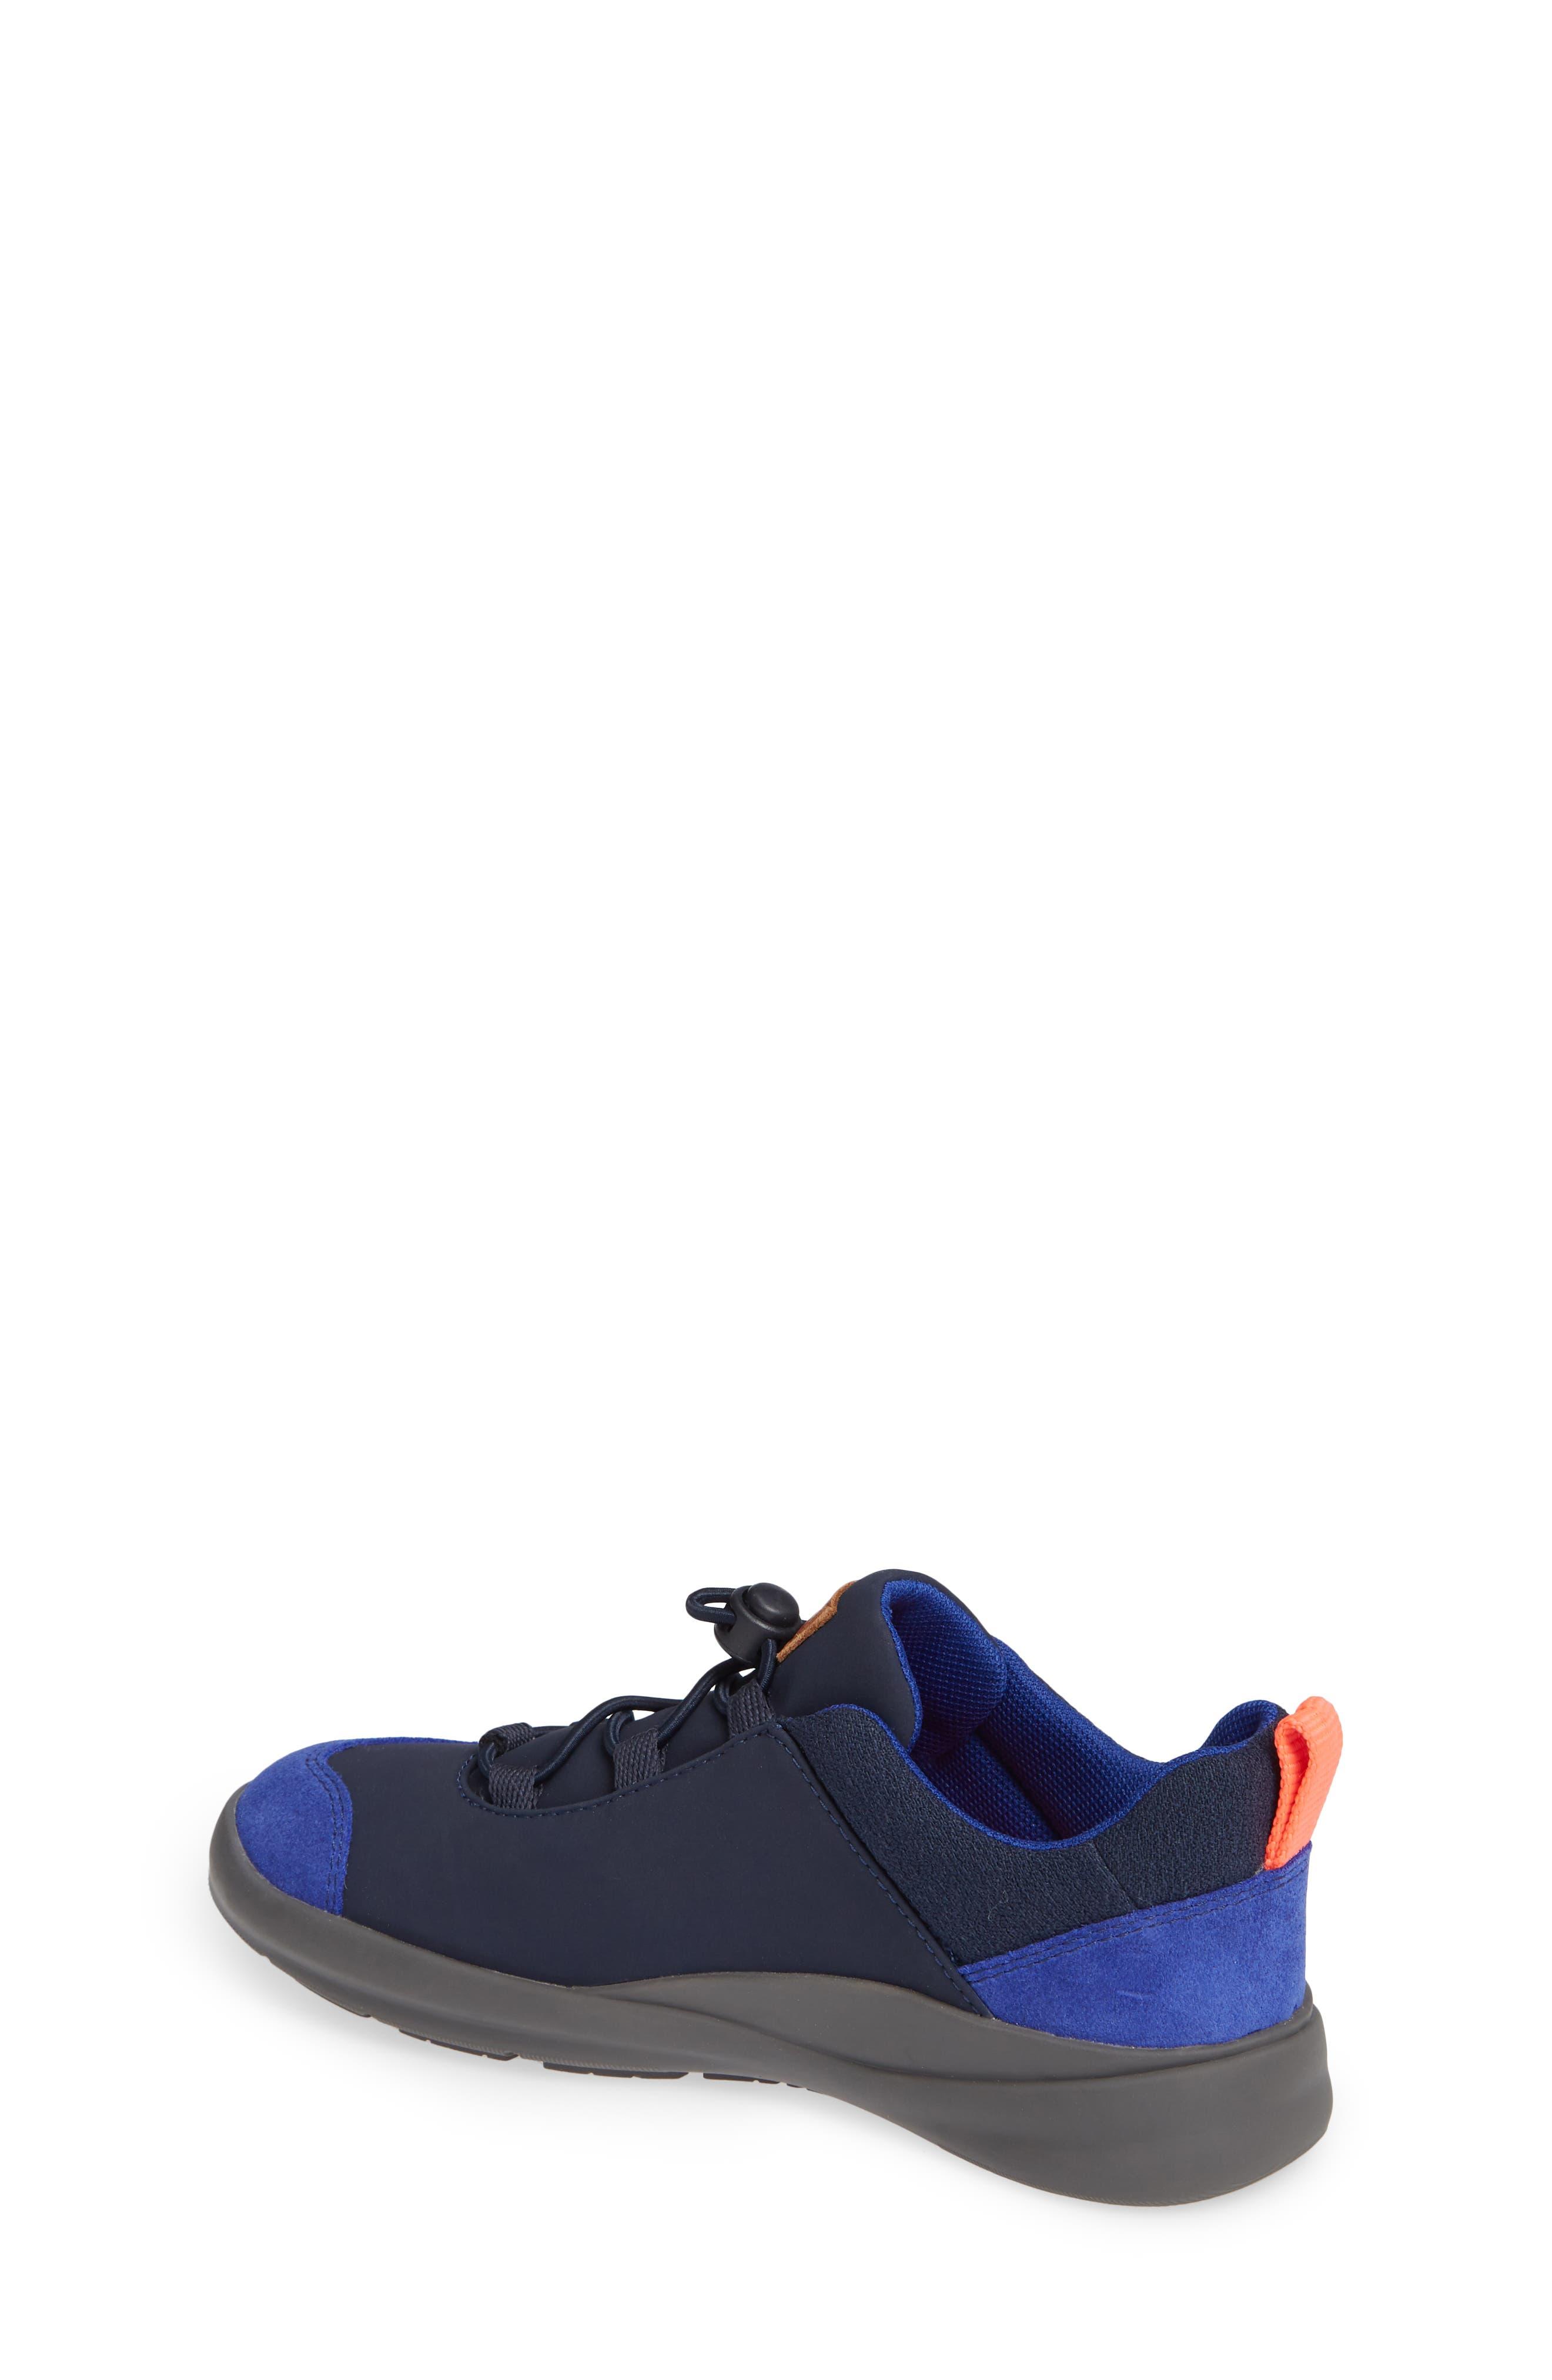 Ergo Hybrid Sneaker,                             Alternate thumbnail 2, color,                             BLUE MULTI